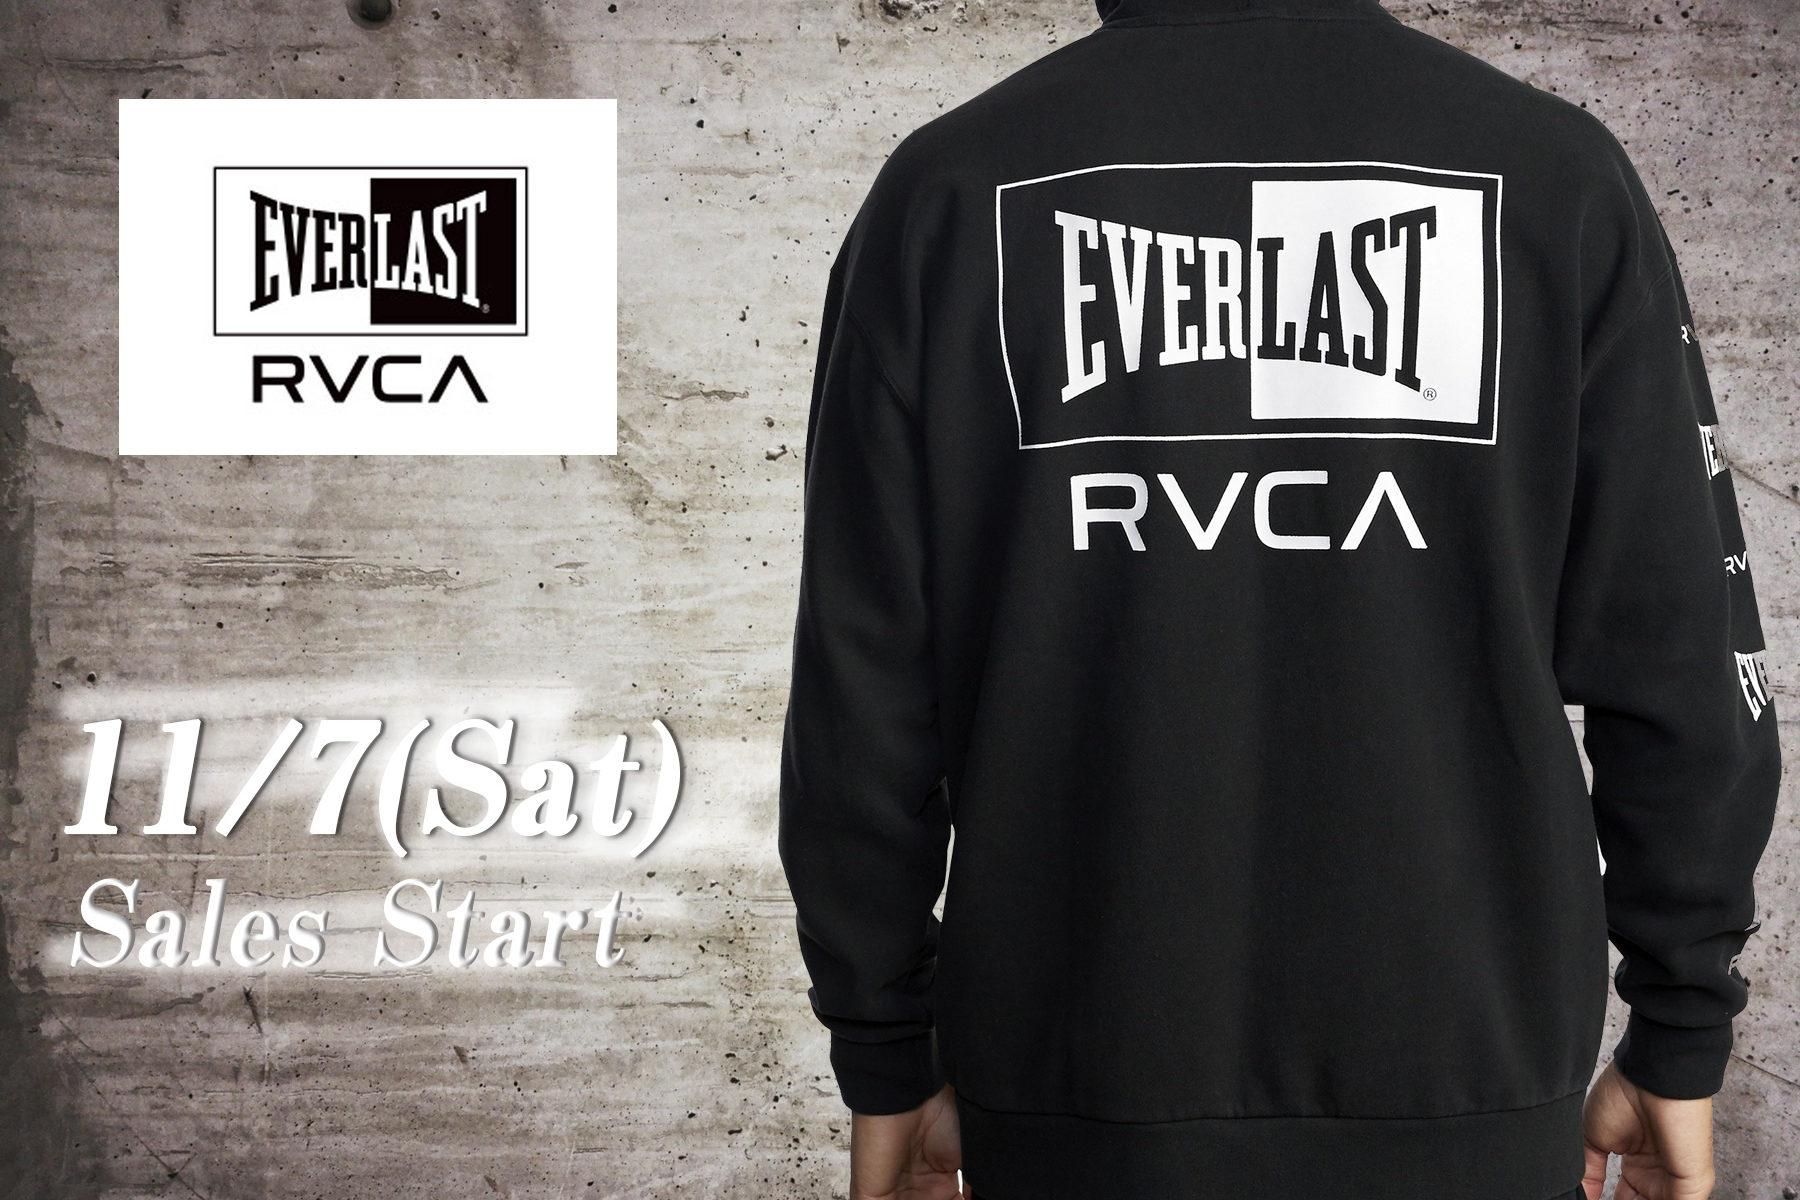 物欲破壊!【RVCA】【EVERLAST】最強コラボアパレルが実現!2020年の冬はこれで決まりだ!11/7(金)、ついに販売スタート!!